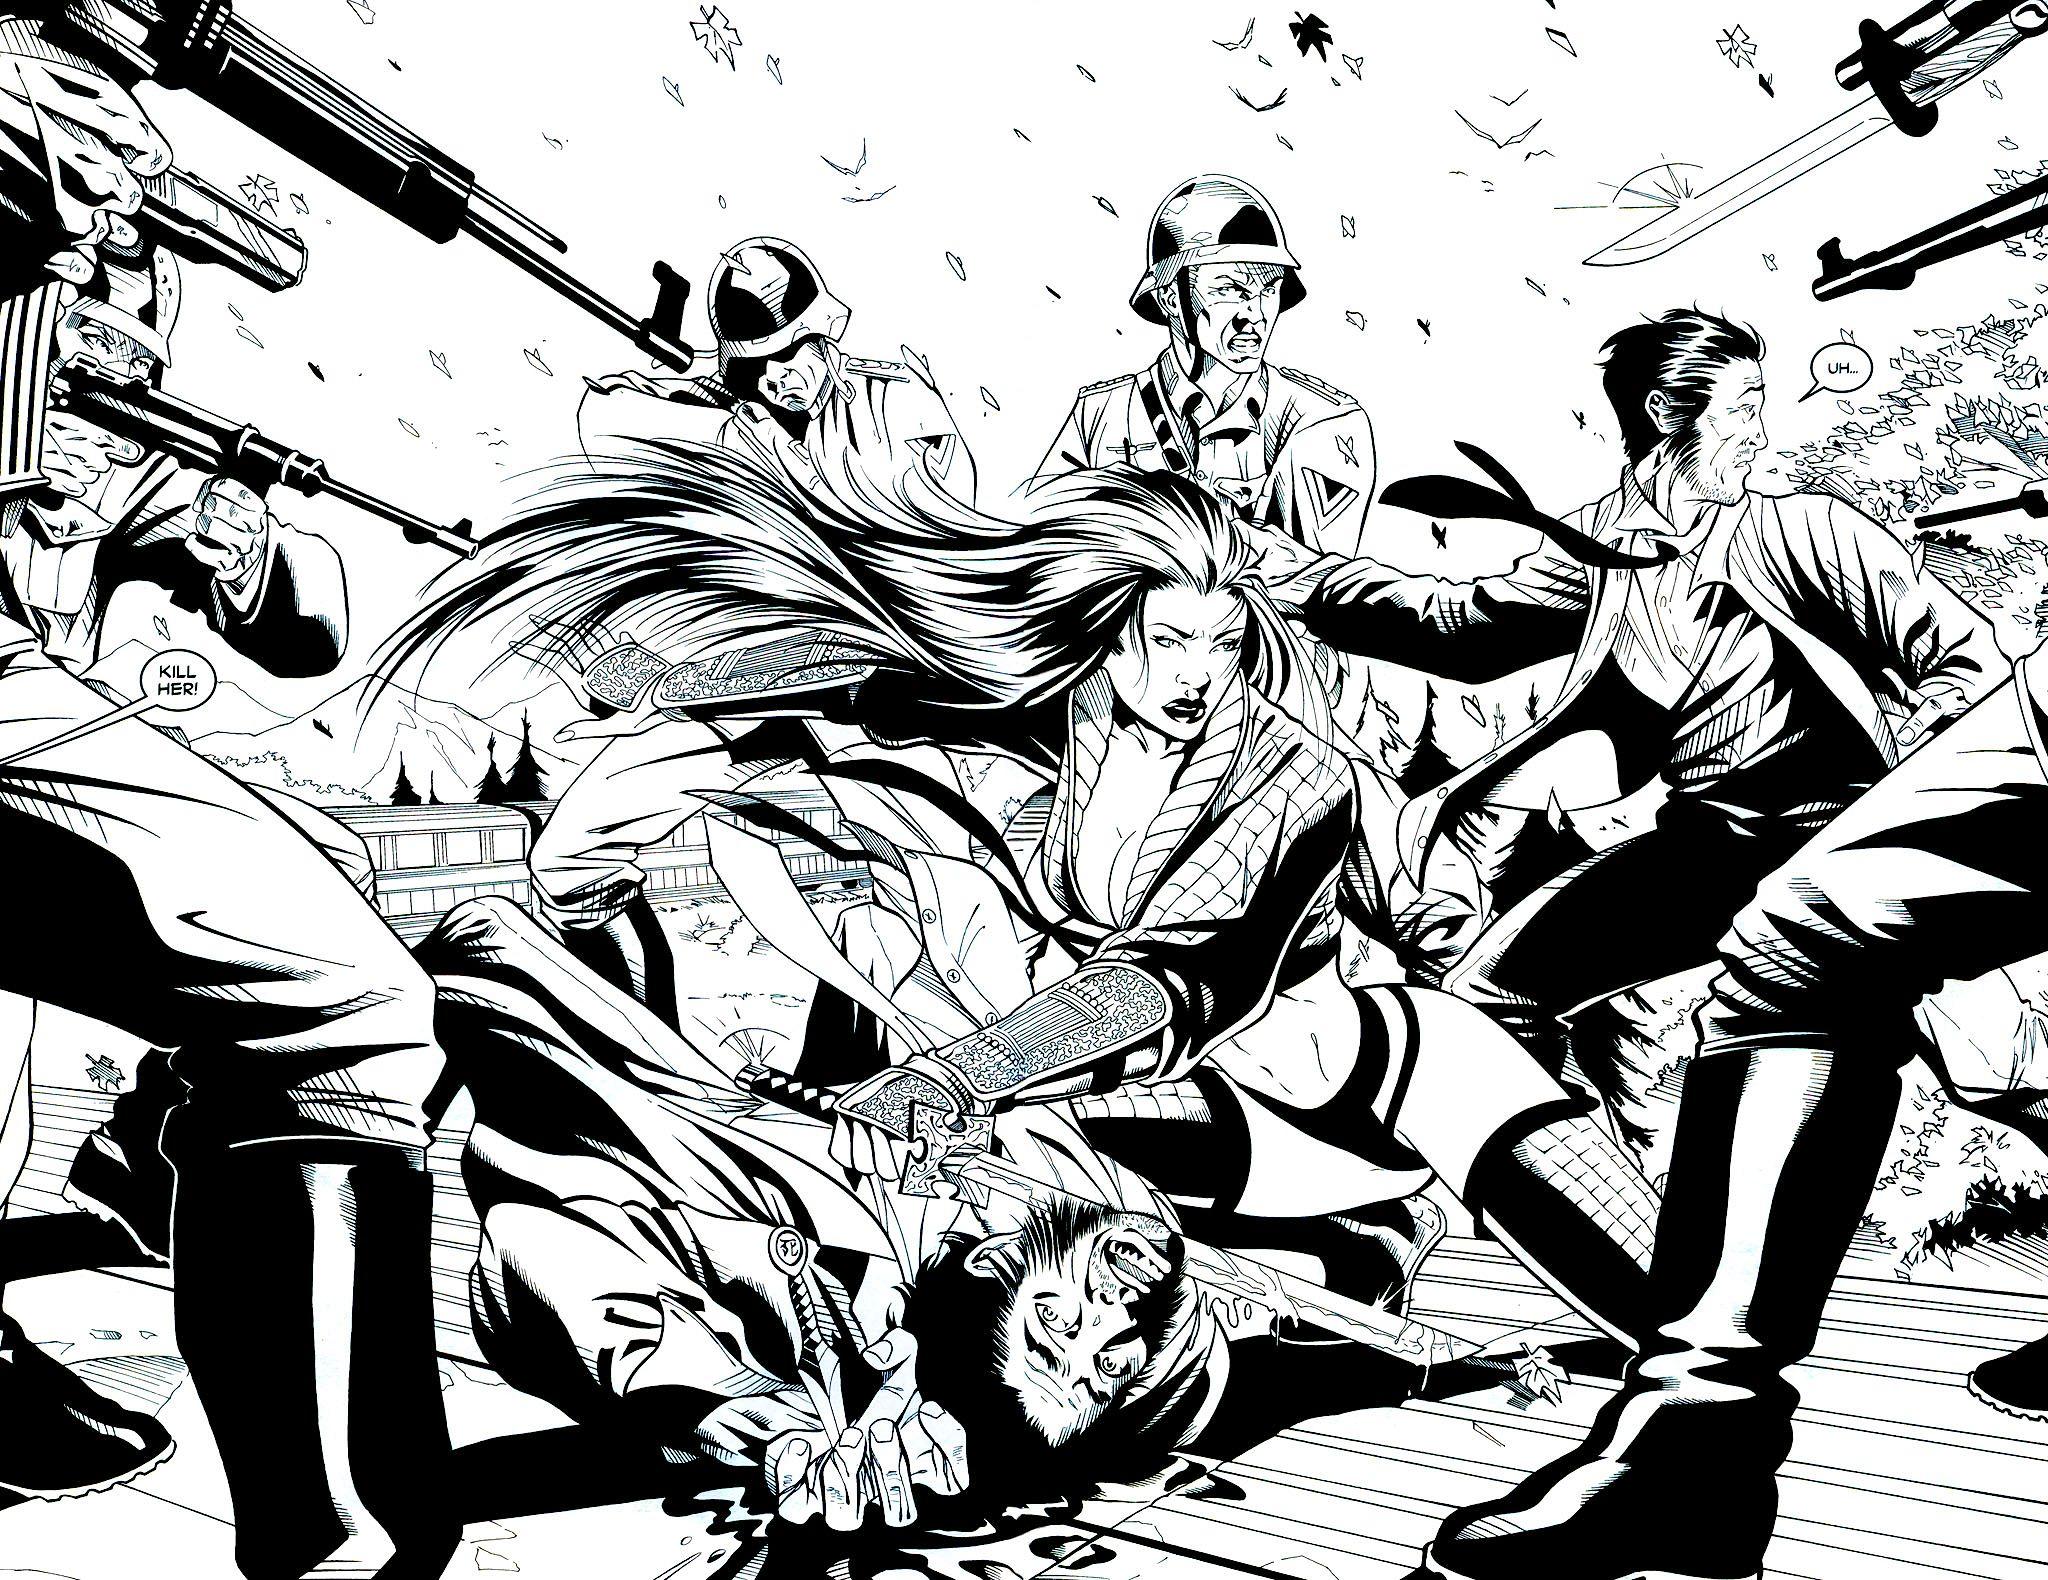 Read online Shi: Sempo comic -  Issue #2 - 8